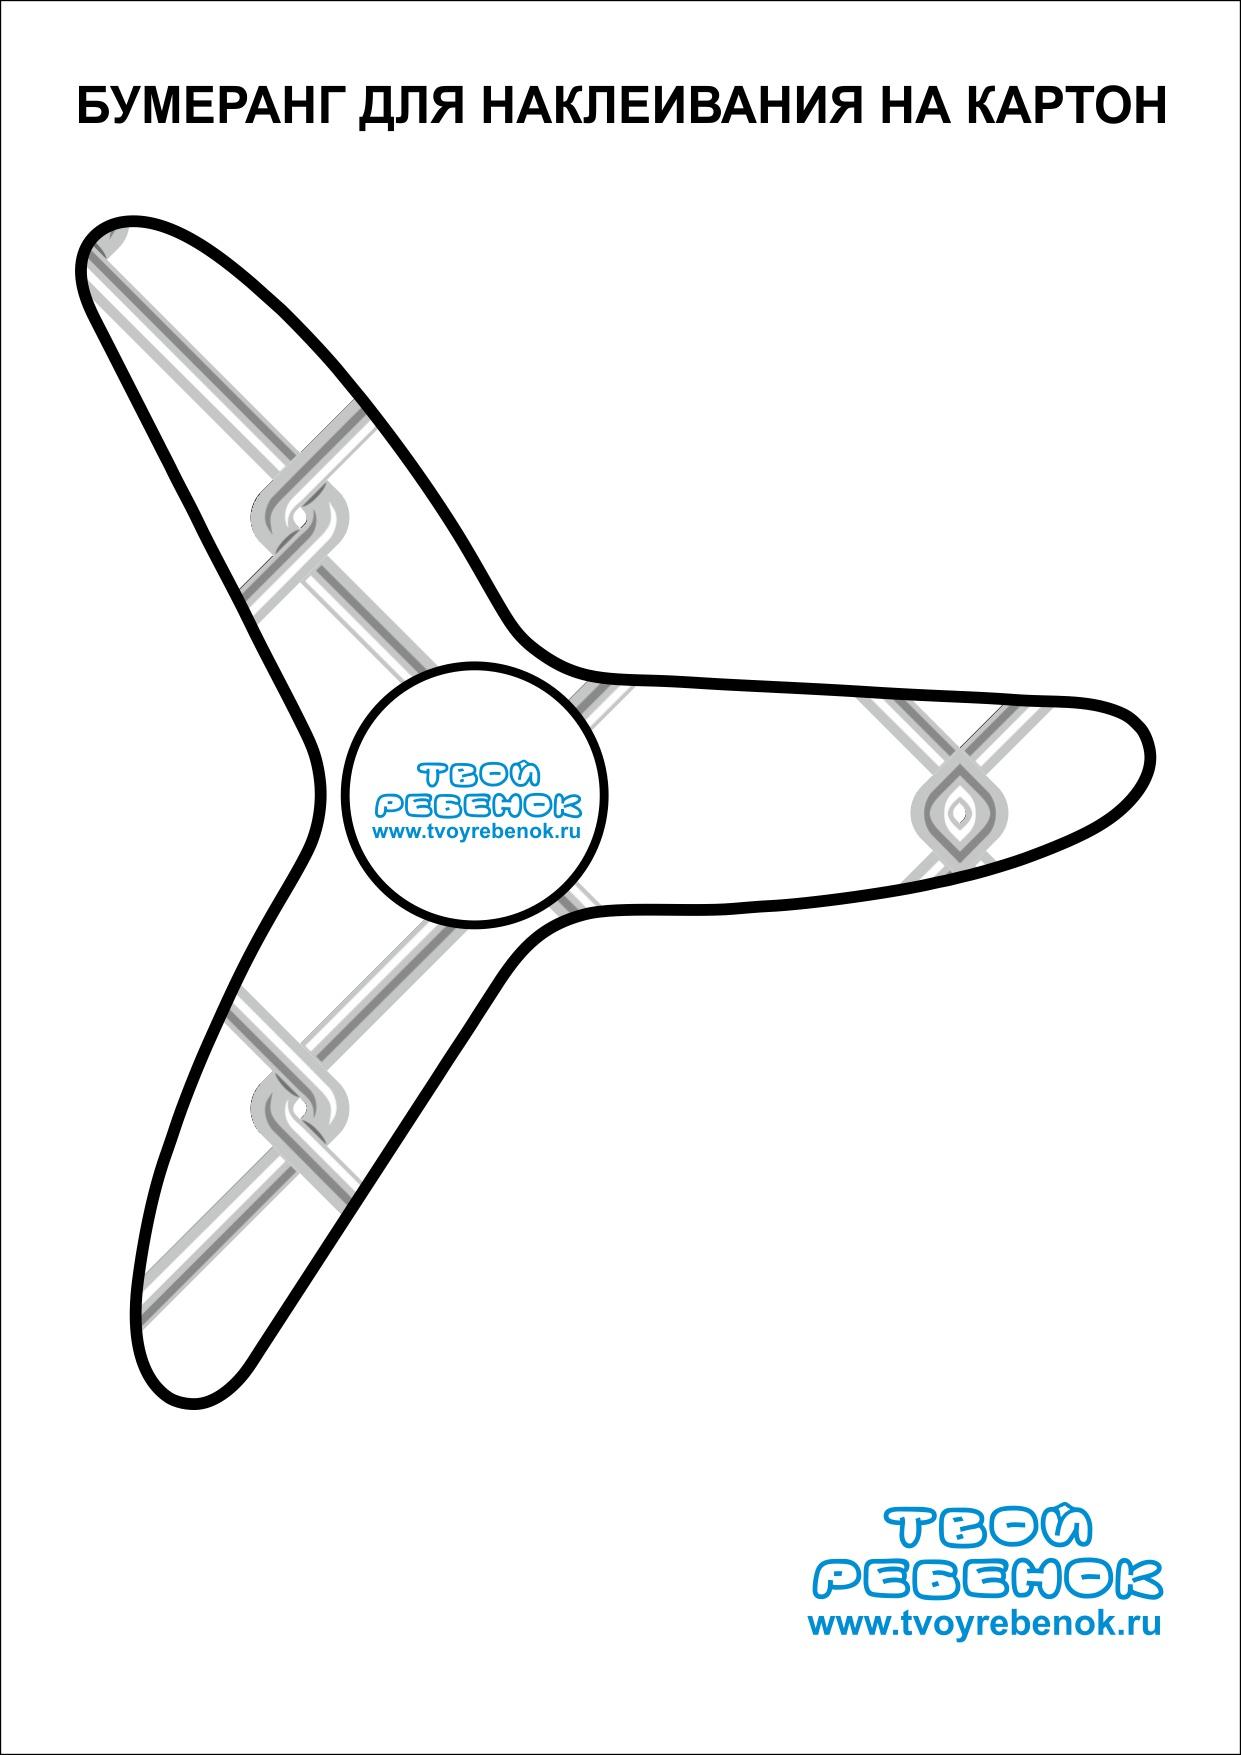 Как сделать бумеранг летает и возвращается